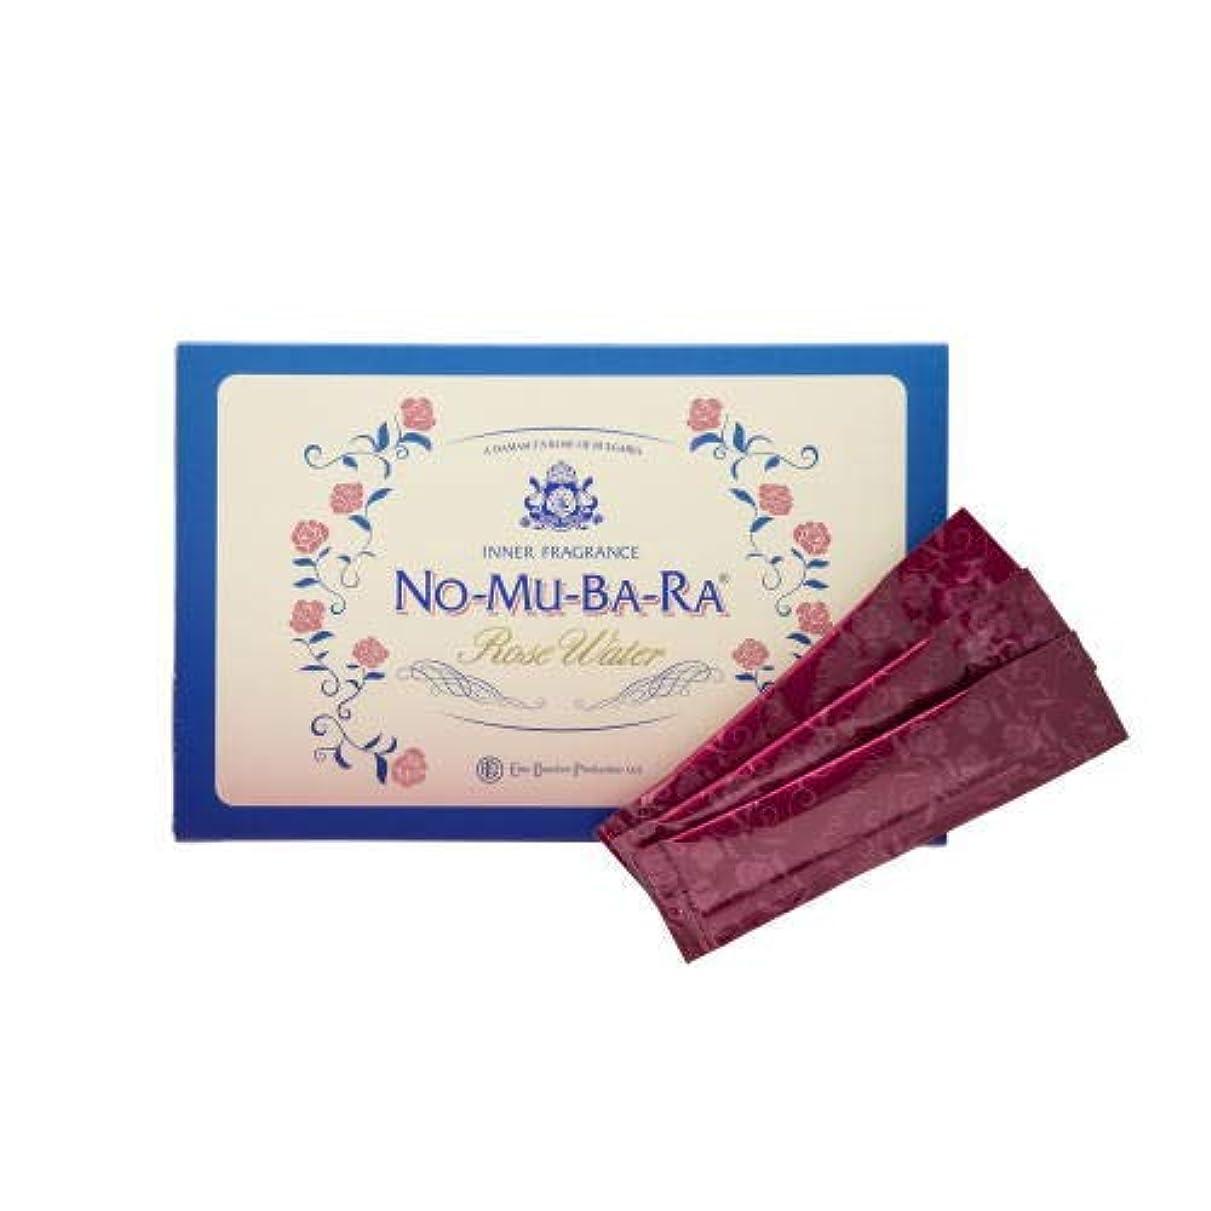 NO-MU-BA-RA NO-MU-BA-RA(ノムバラ)(35包入)×2箱【モンドセレクション受賞】